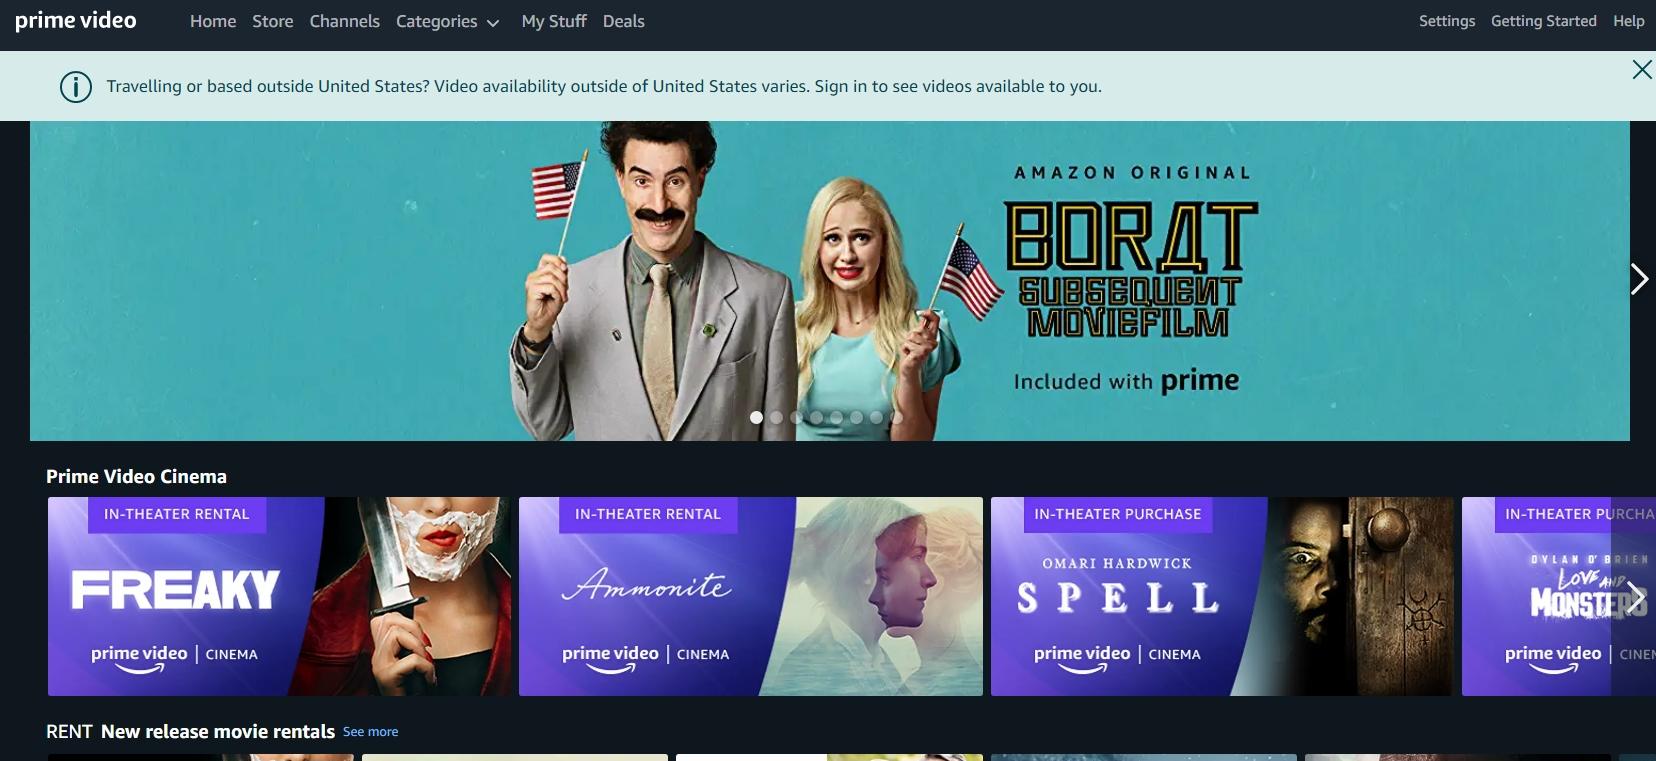 Регистрация в Amazon Prime Video и бесплатная подписка на месяц